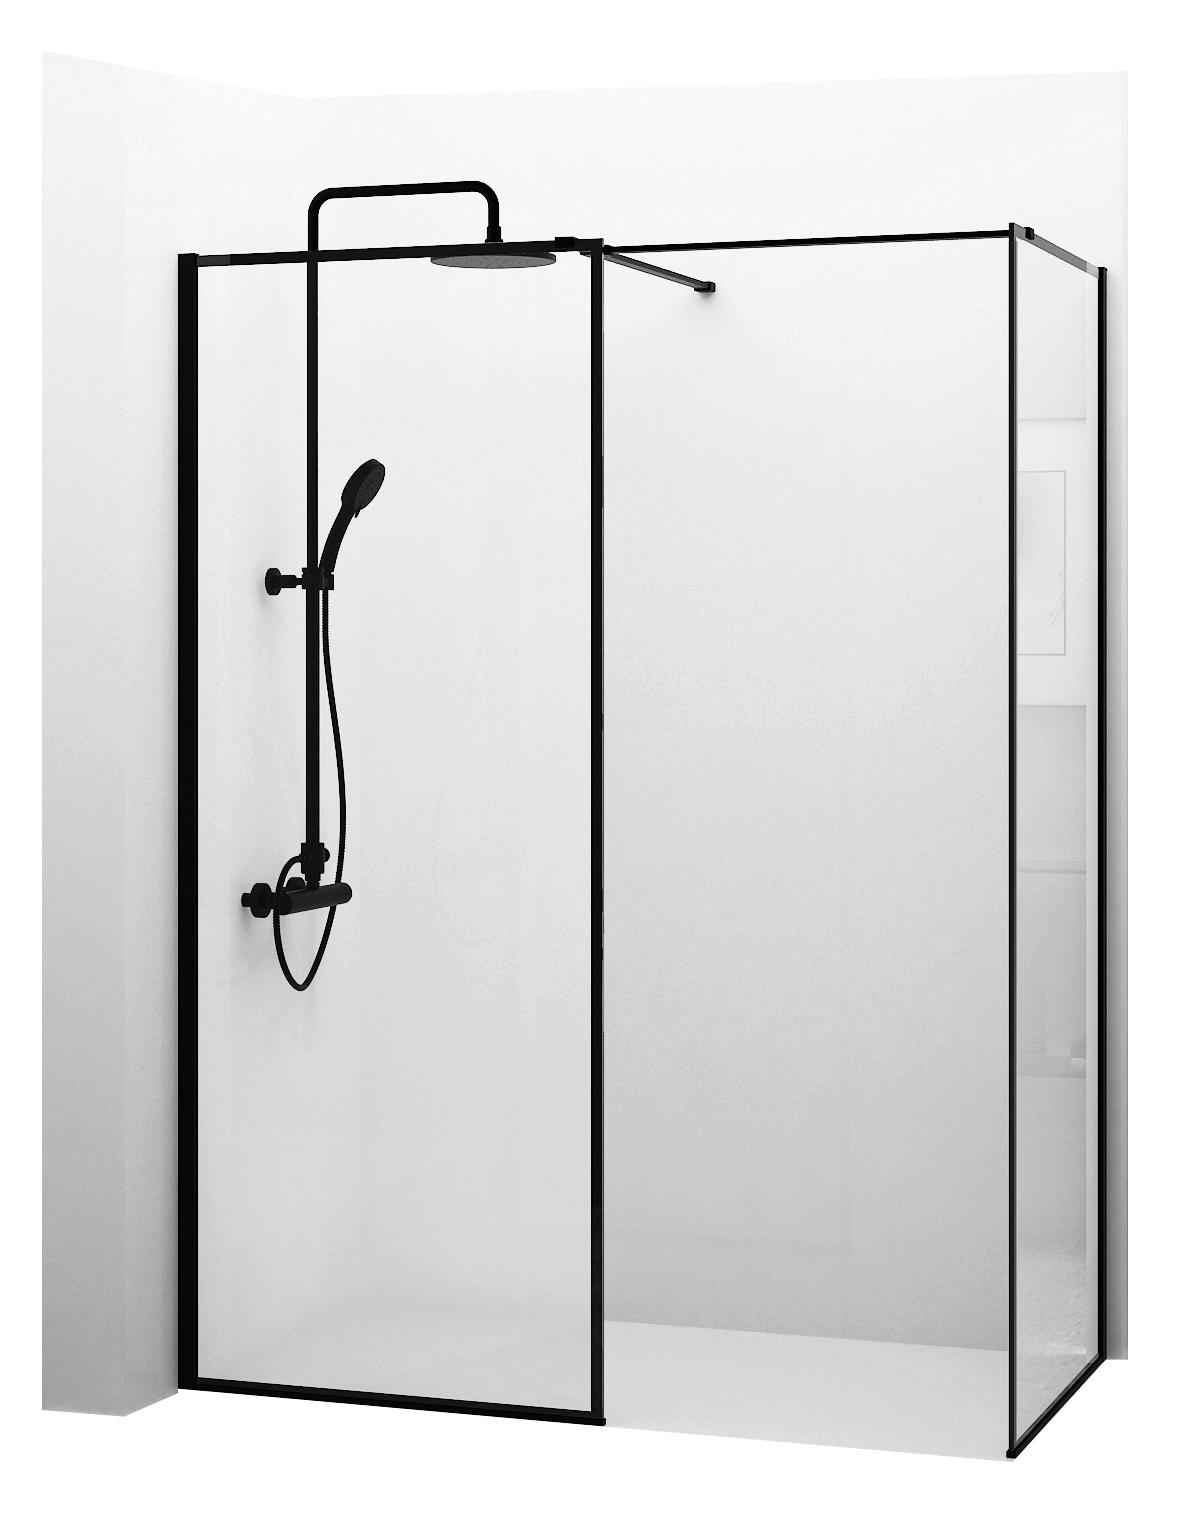 Kabina sprchová Bler 70-90 cm - Kabina Bler 1: 80x90